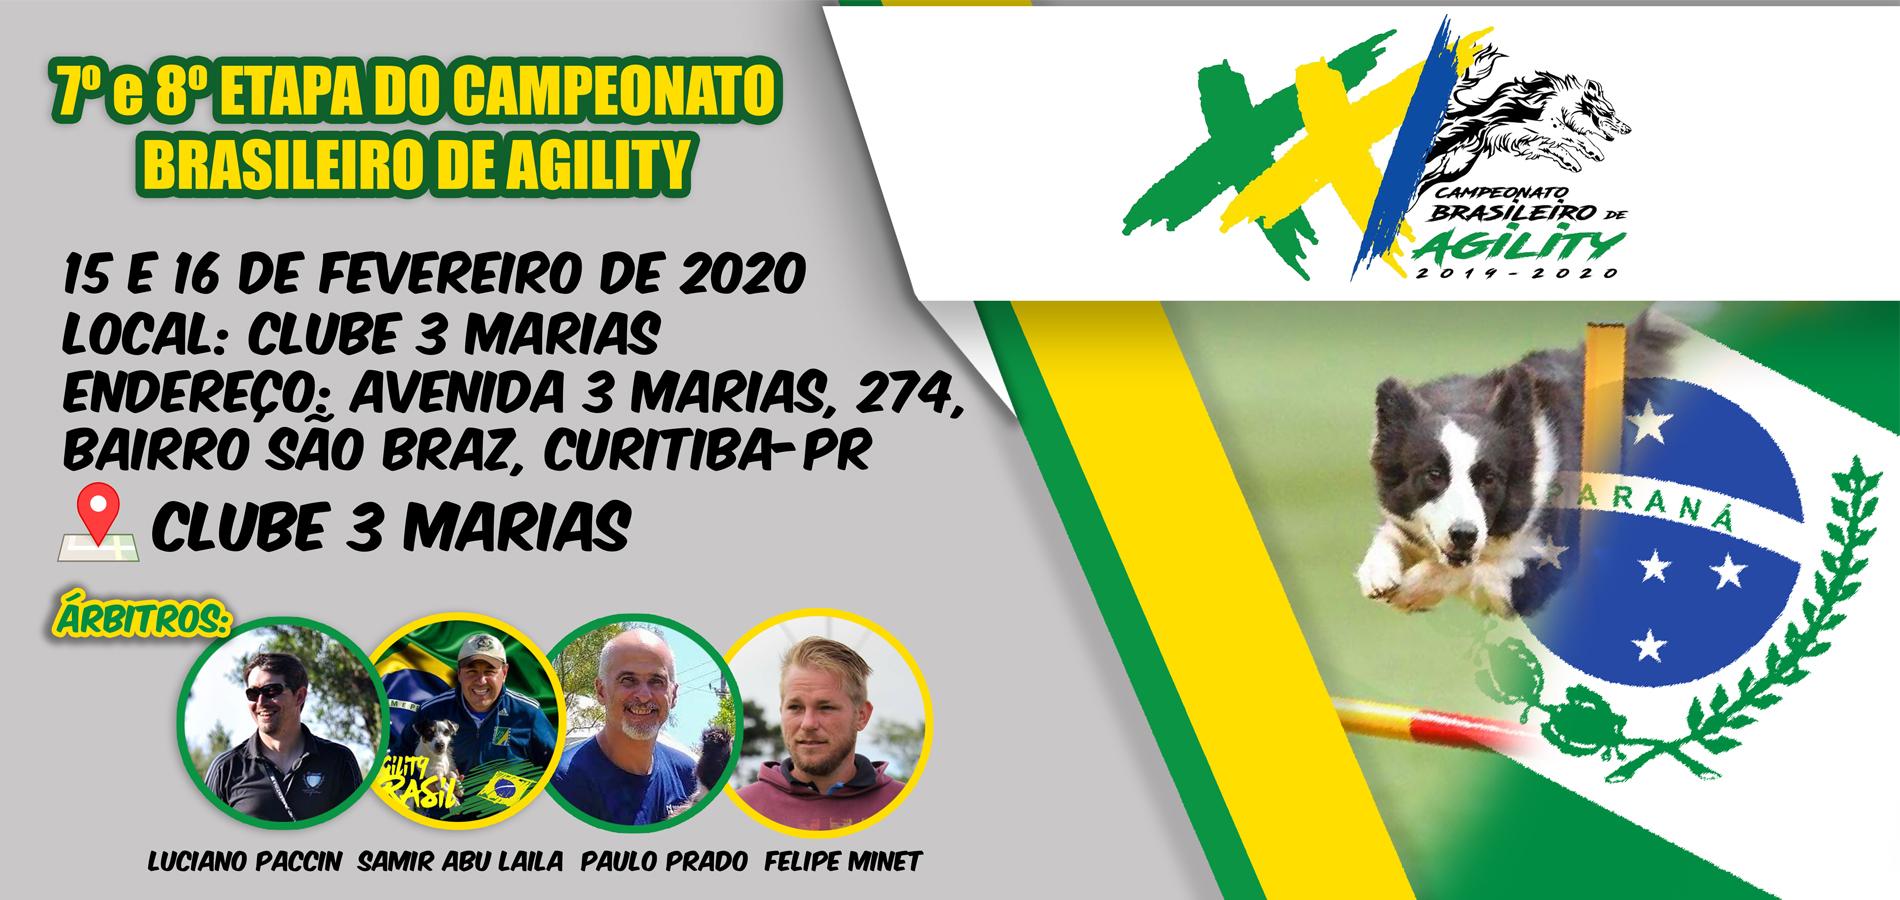 Brasil Agility